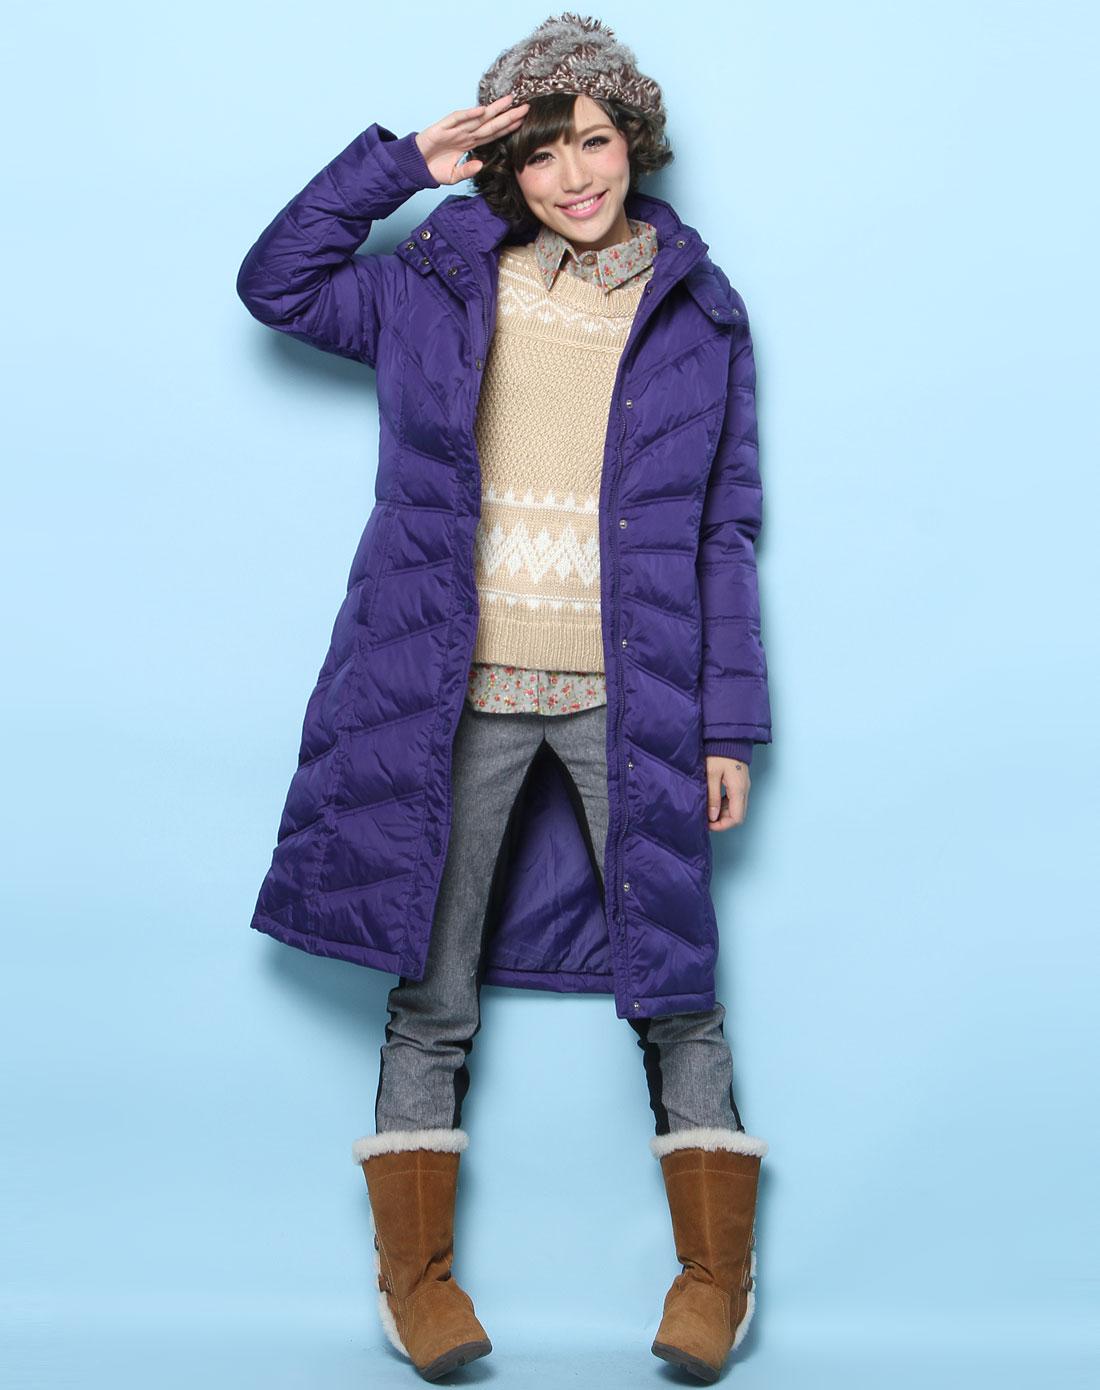 森马女装专场-蓝紫色时尚长款长袖连帽羽绒服图片